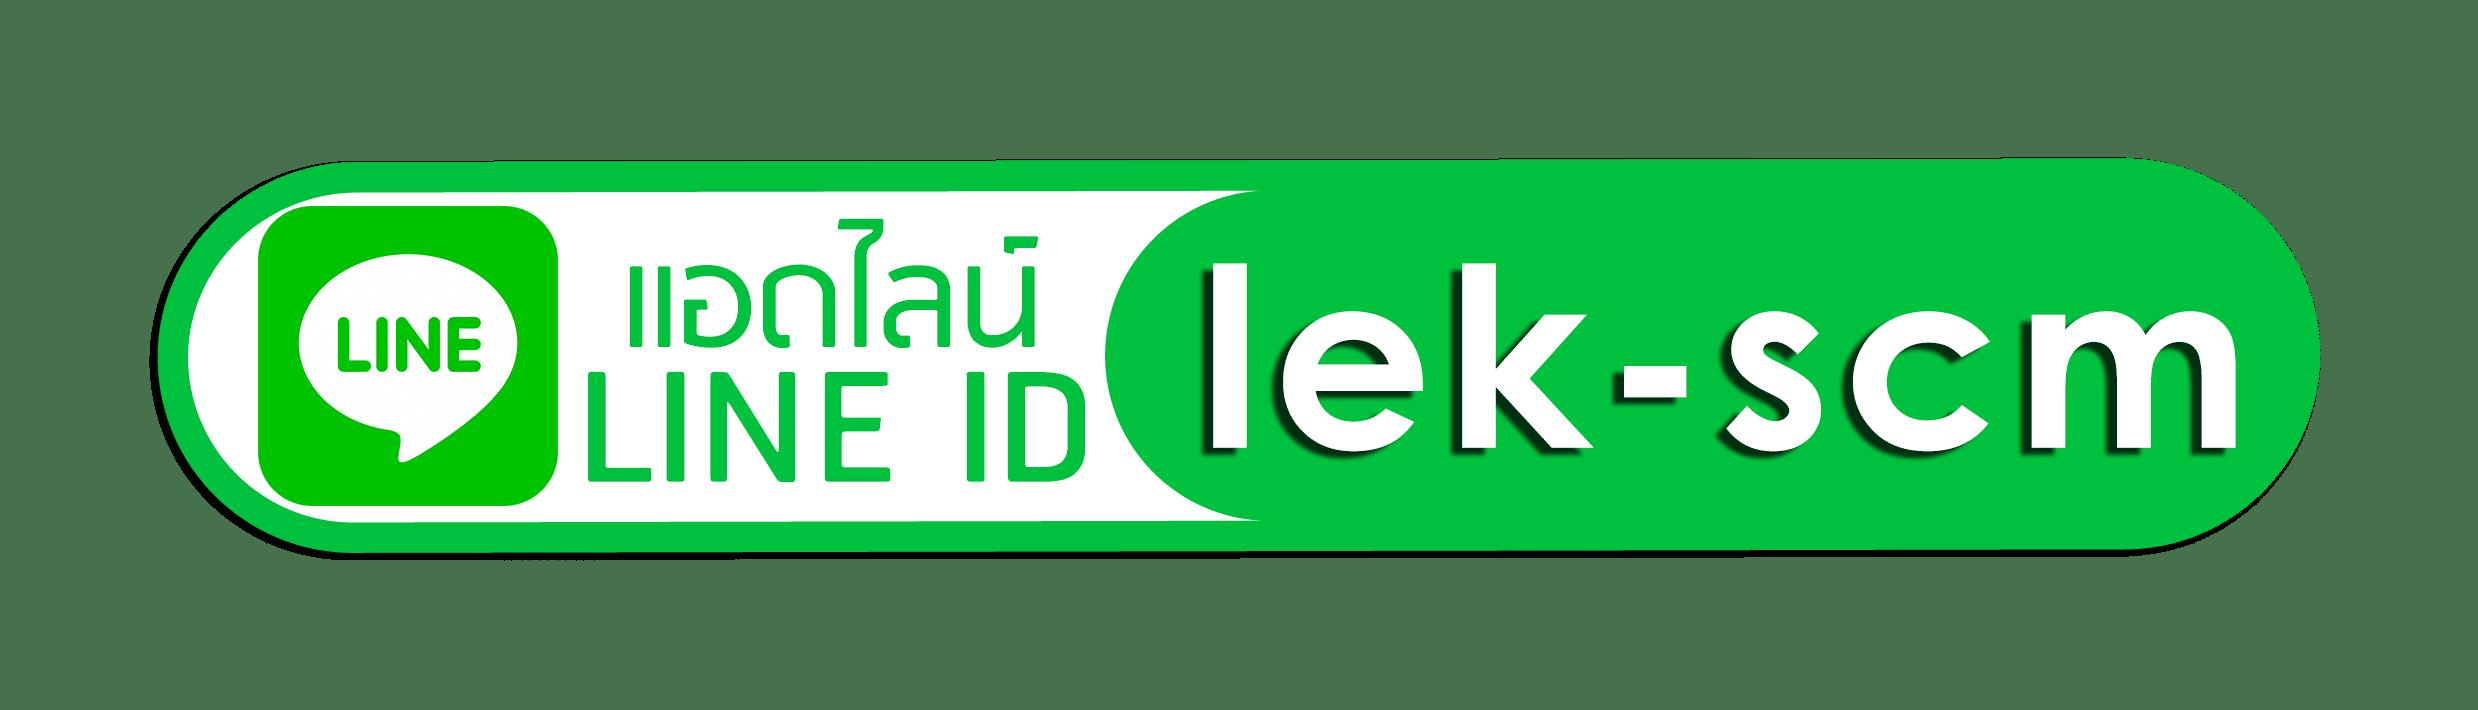 แอดไลน์เพื่อสั่งซื้อสินค้ากับคุณศุภโชคที่ Line ID : lek-scm